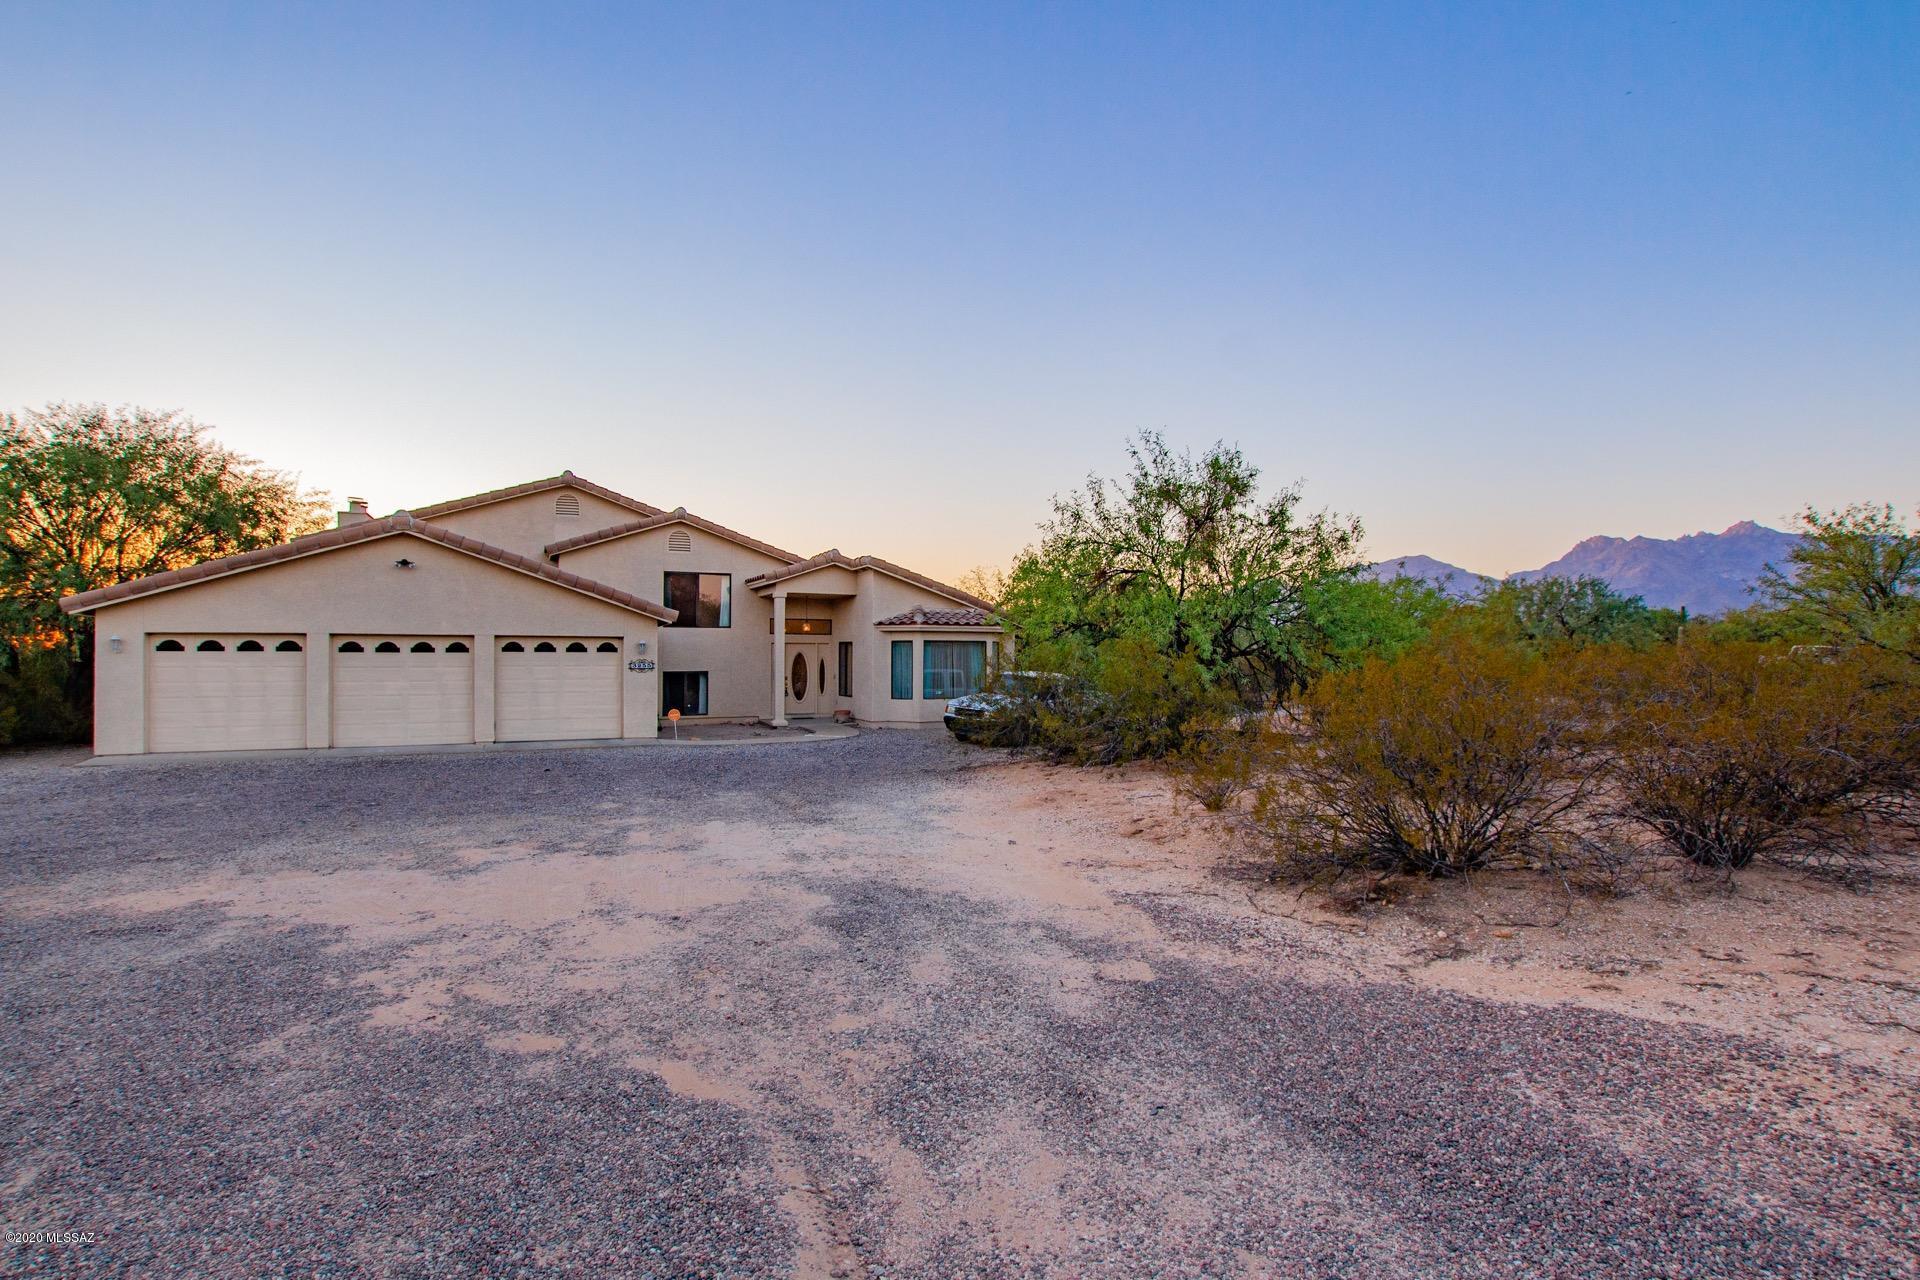 Photo of 3255 N Cottontail Circle, Tucson, AZ 85749